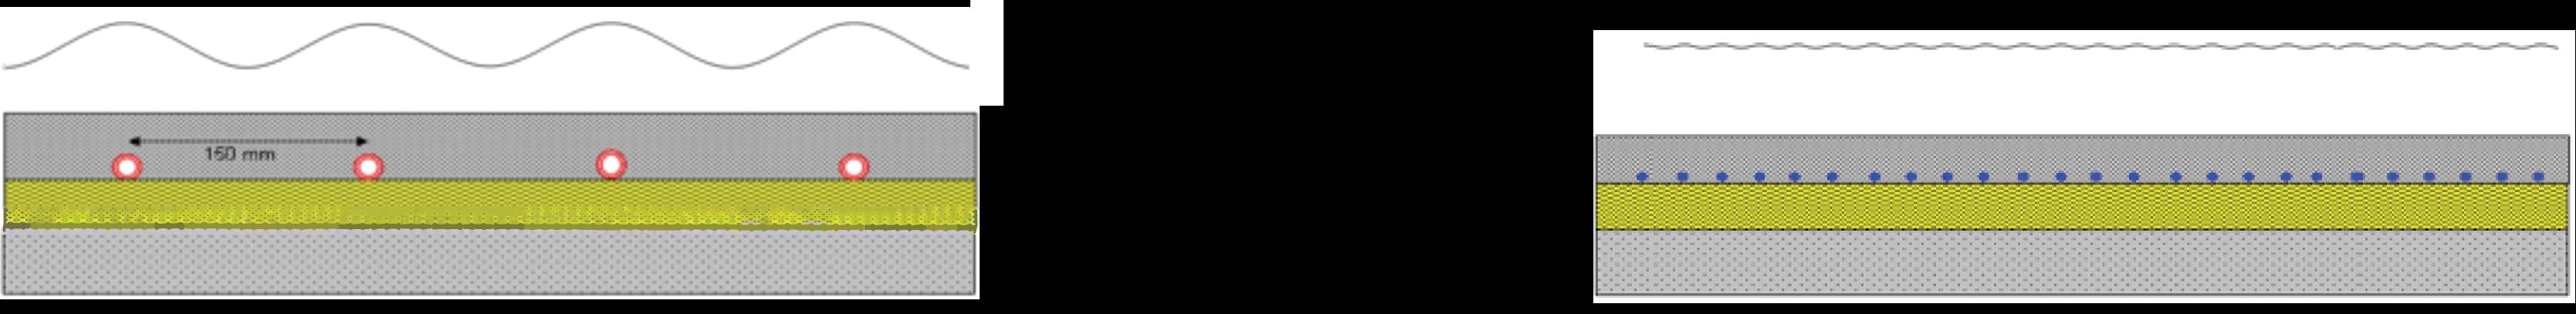 underfloorheatingcomparison-01